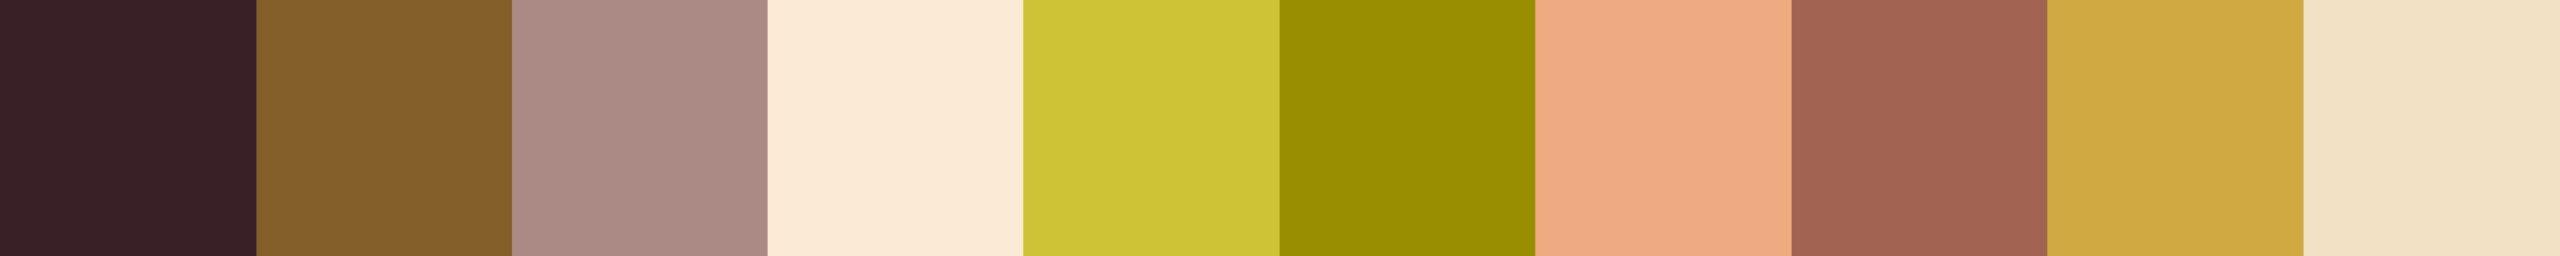 653 Wanesta Color Palette